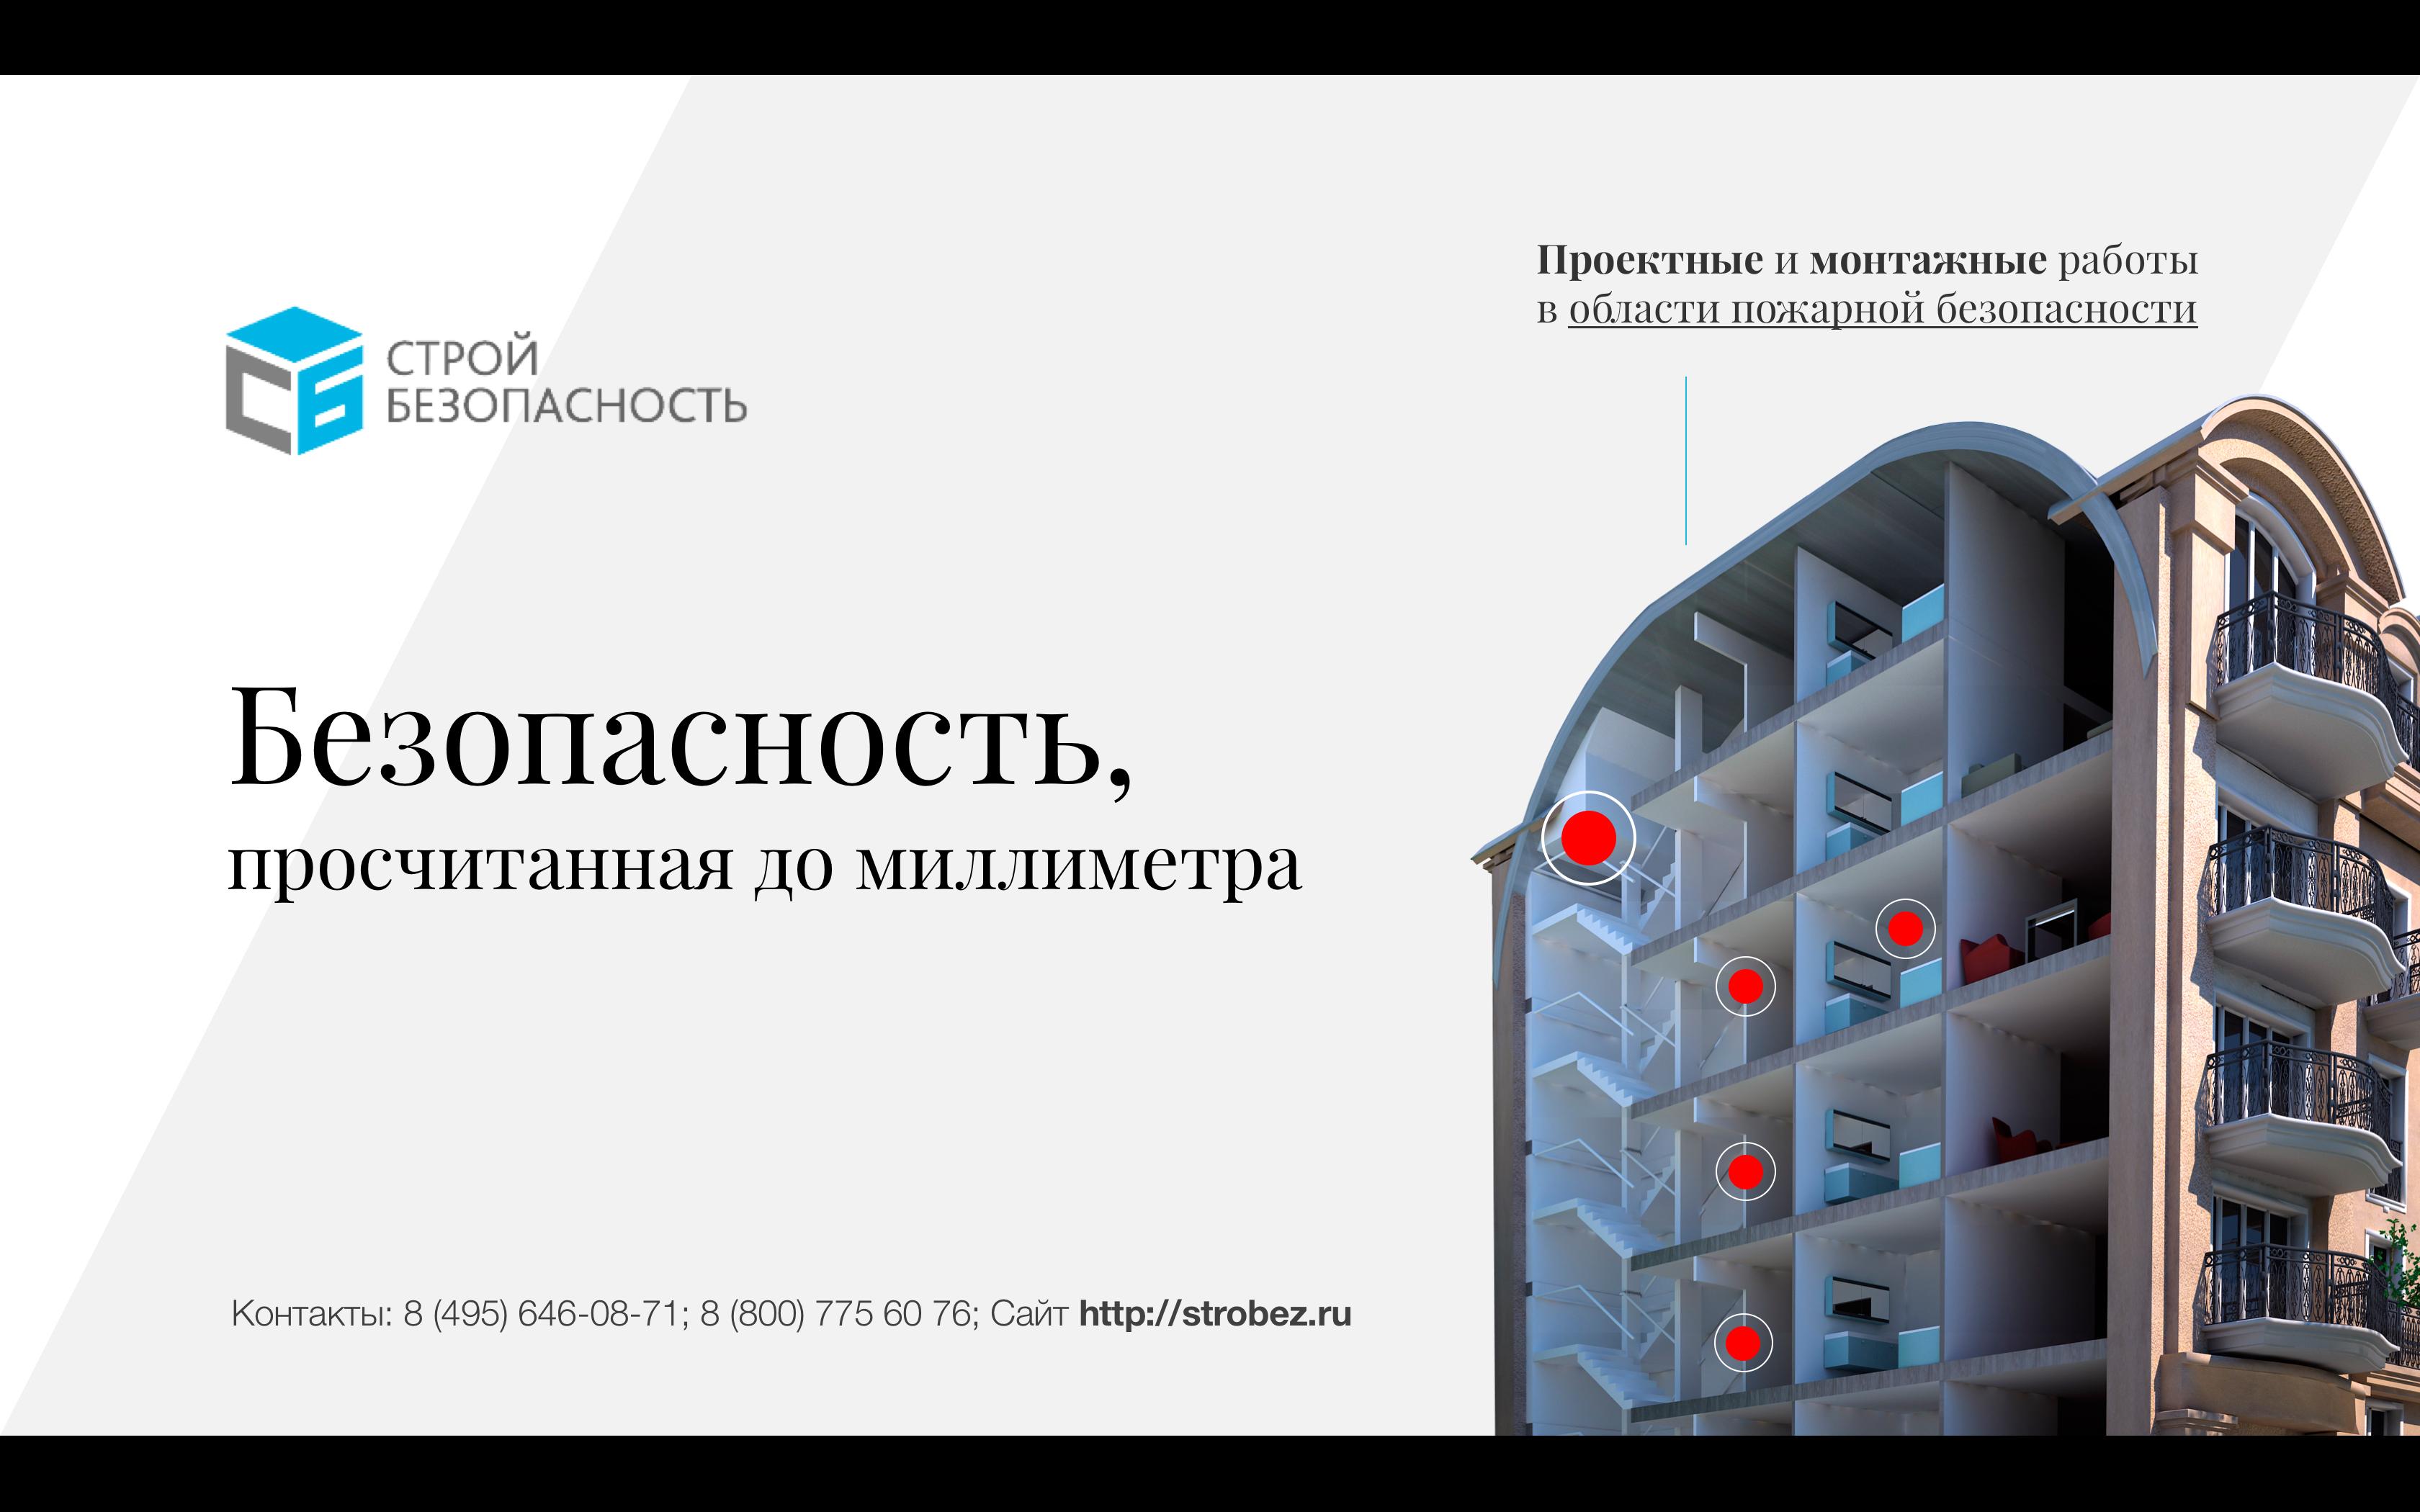 Участие в конкурсе на разработку презентации для Строй Безопасность  (2018)